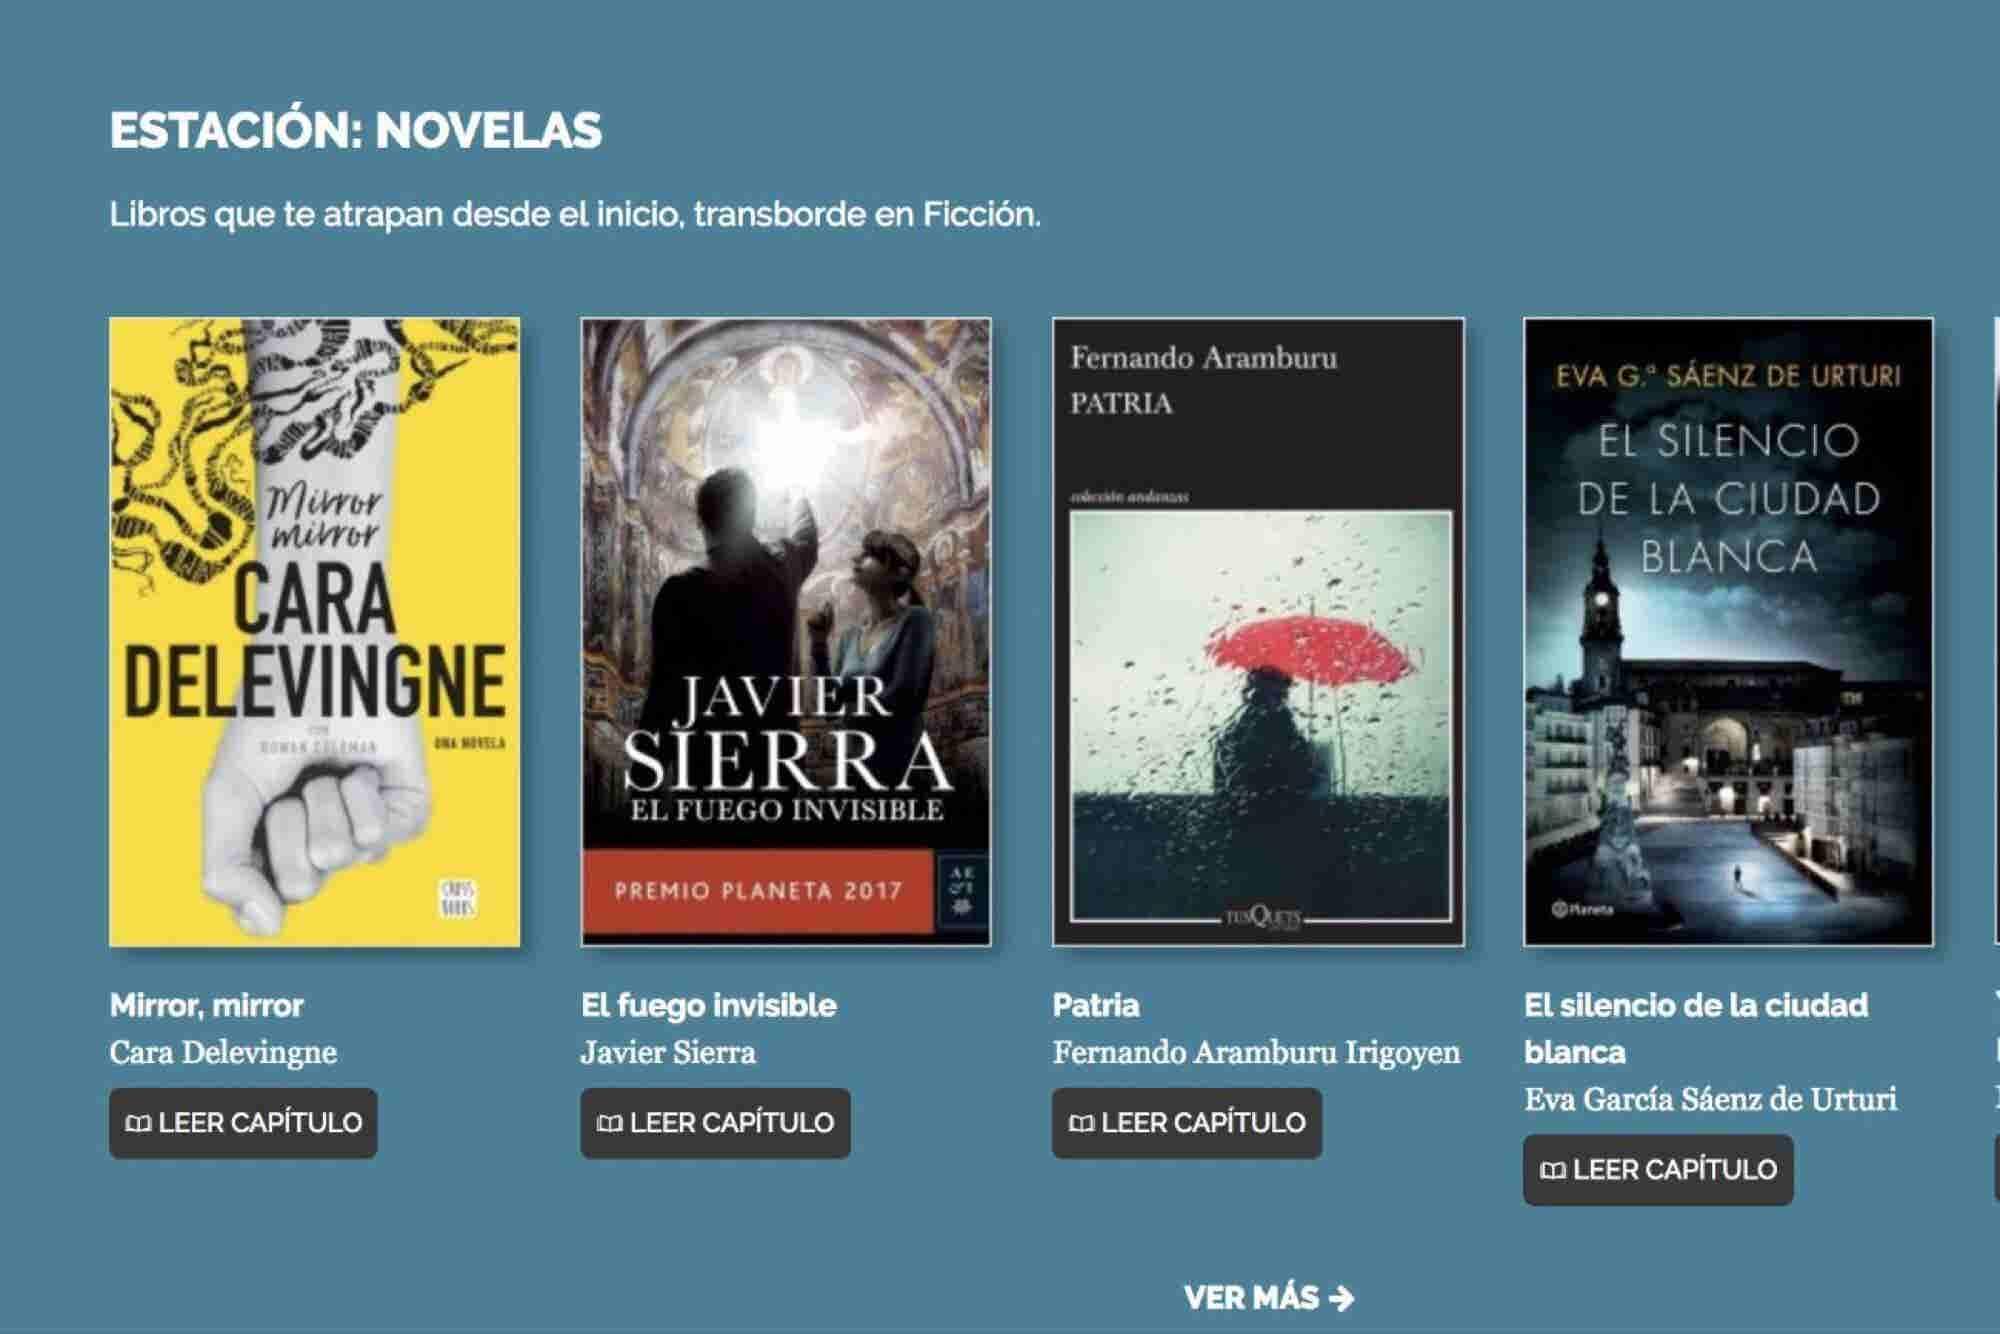 ¡Ya puedes descargar libros gratis en el Metro!